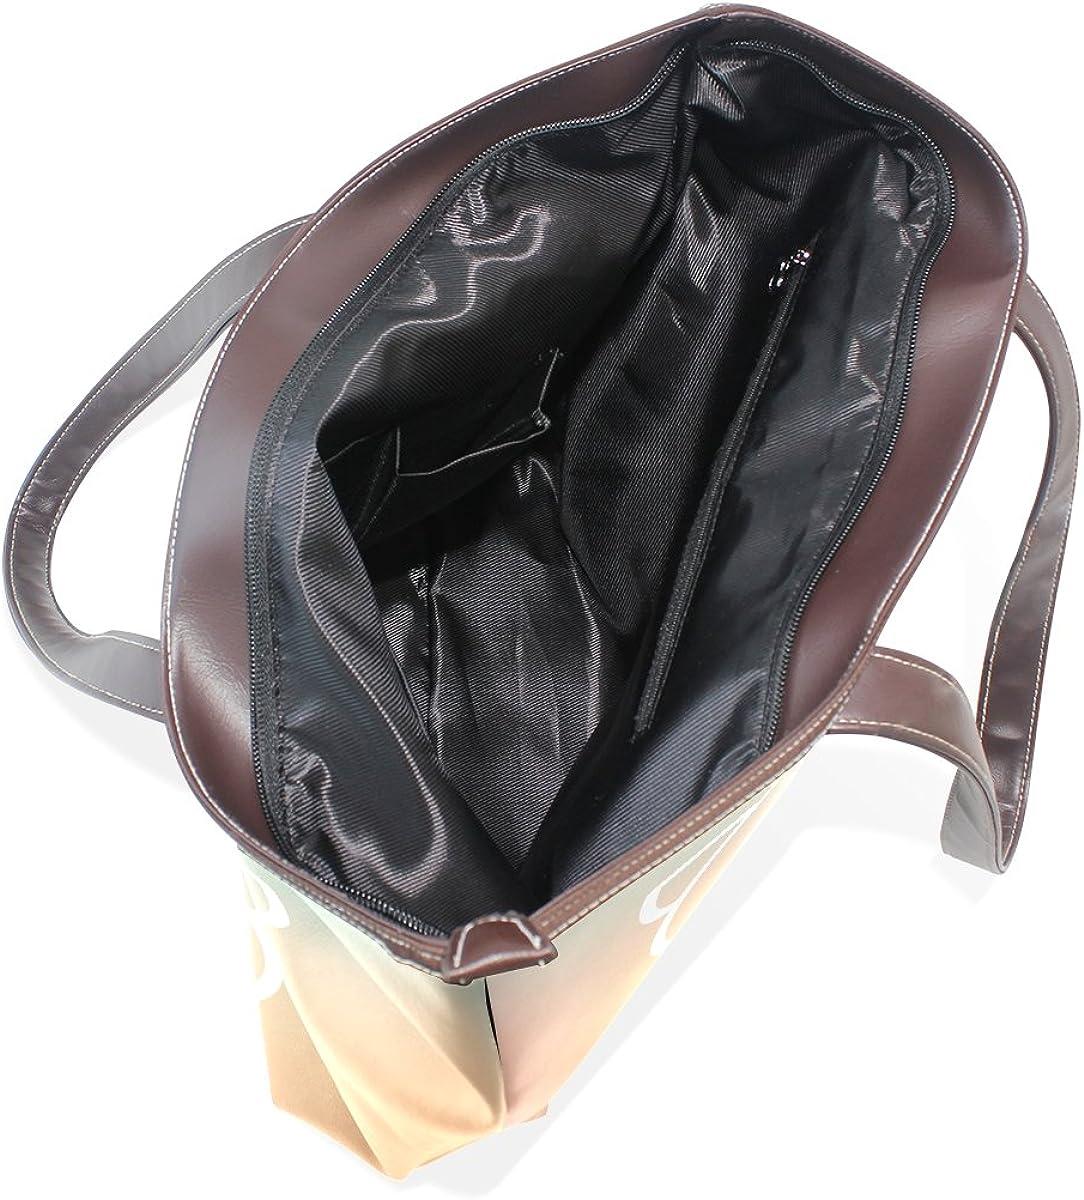 IMOBABY Women Leather Tote Top Handle Tote Shoulder Bags Handbags Cute Pig for Girls Ladies